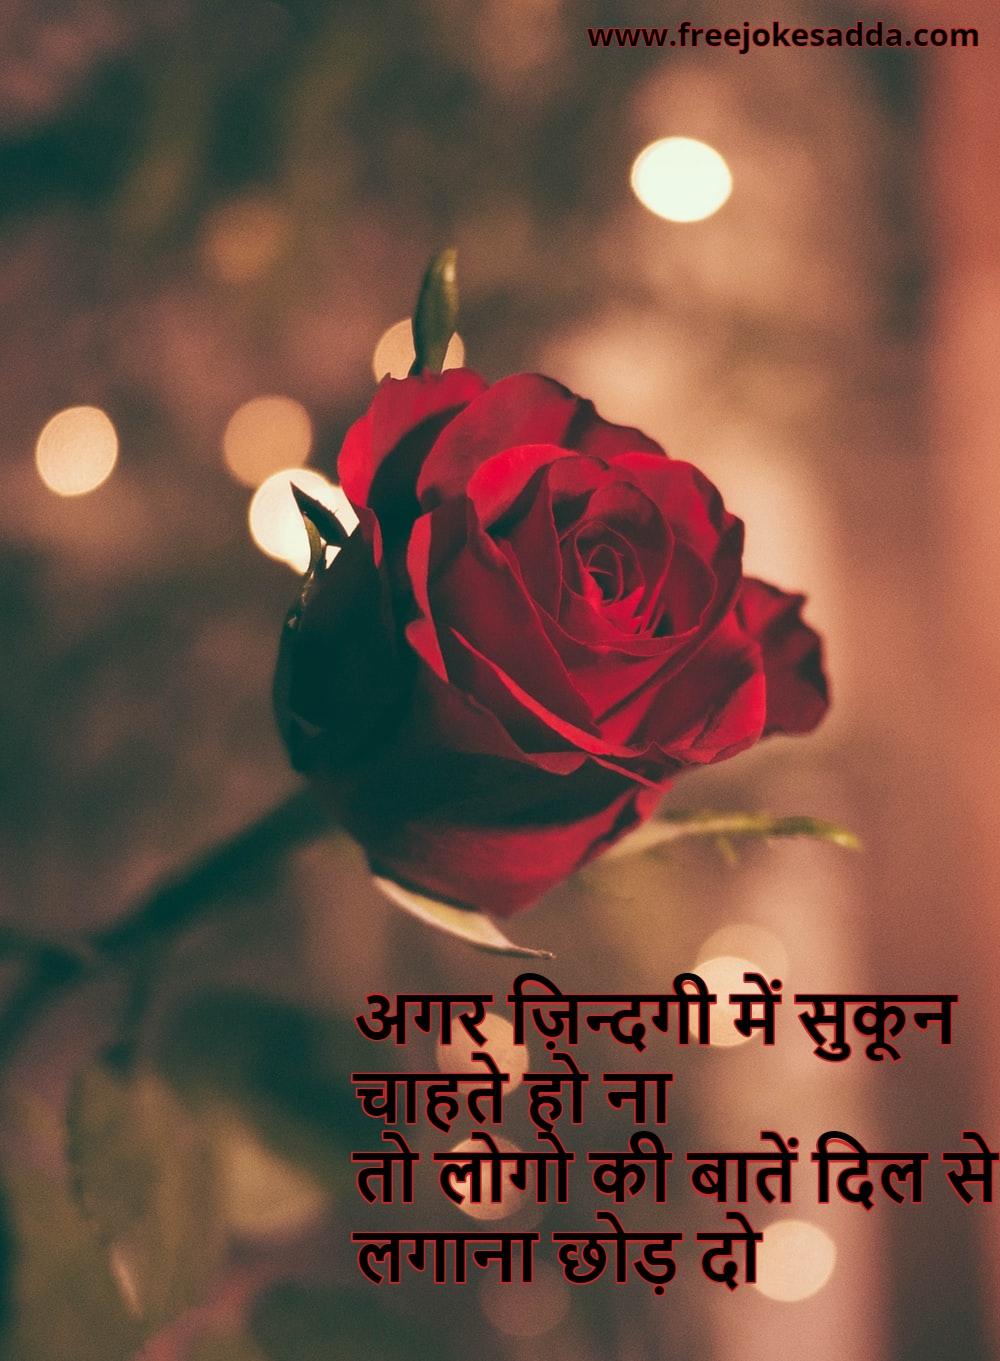 pyar image hindi